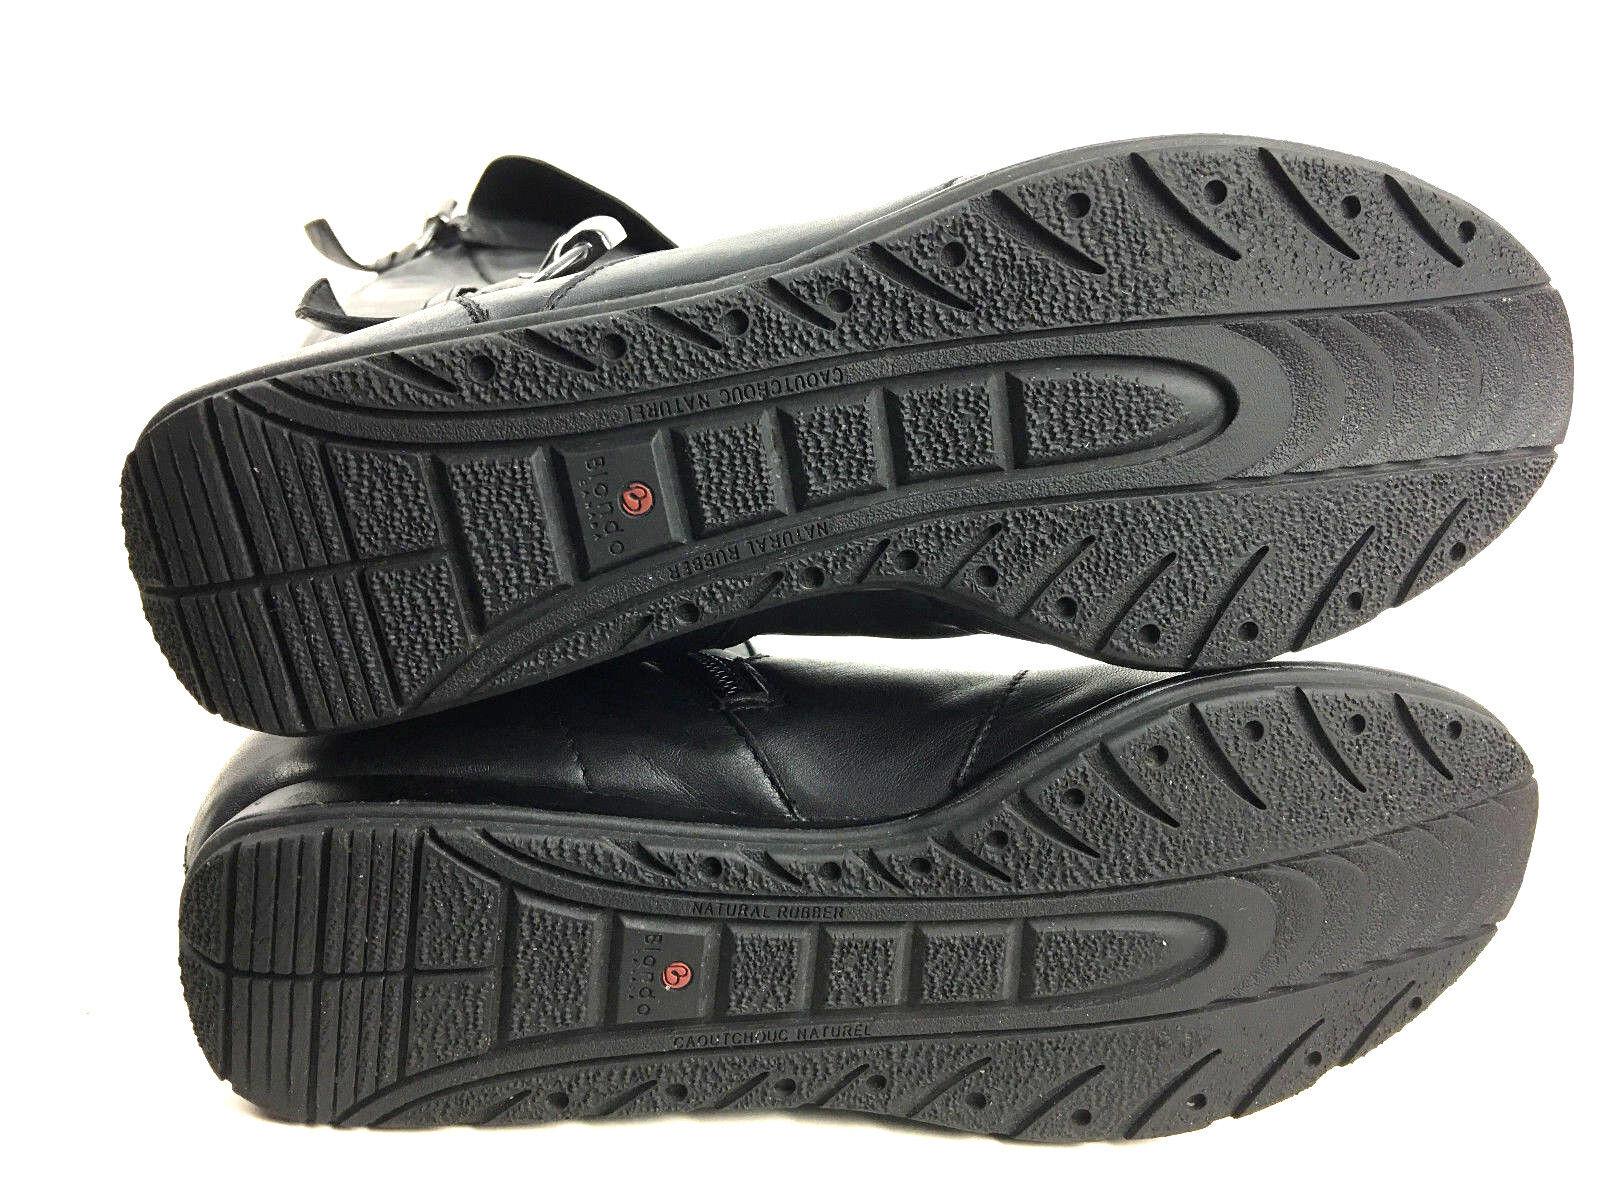 Blondo Over the Knee Zip Zip Zip side   Buckle Black Boots Size US.8 UK.6 EUR. 38-39 78ed57